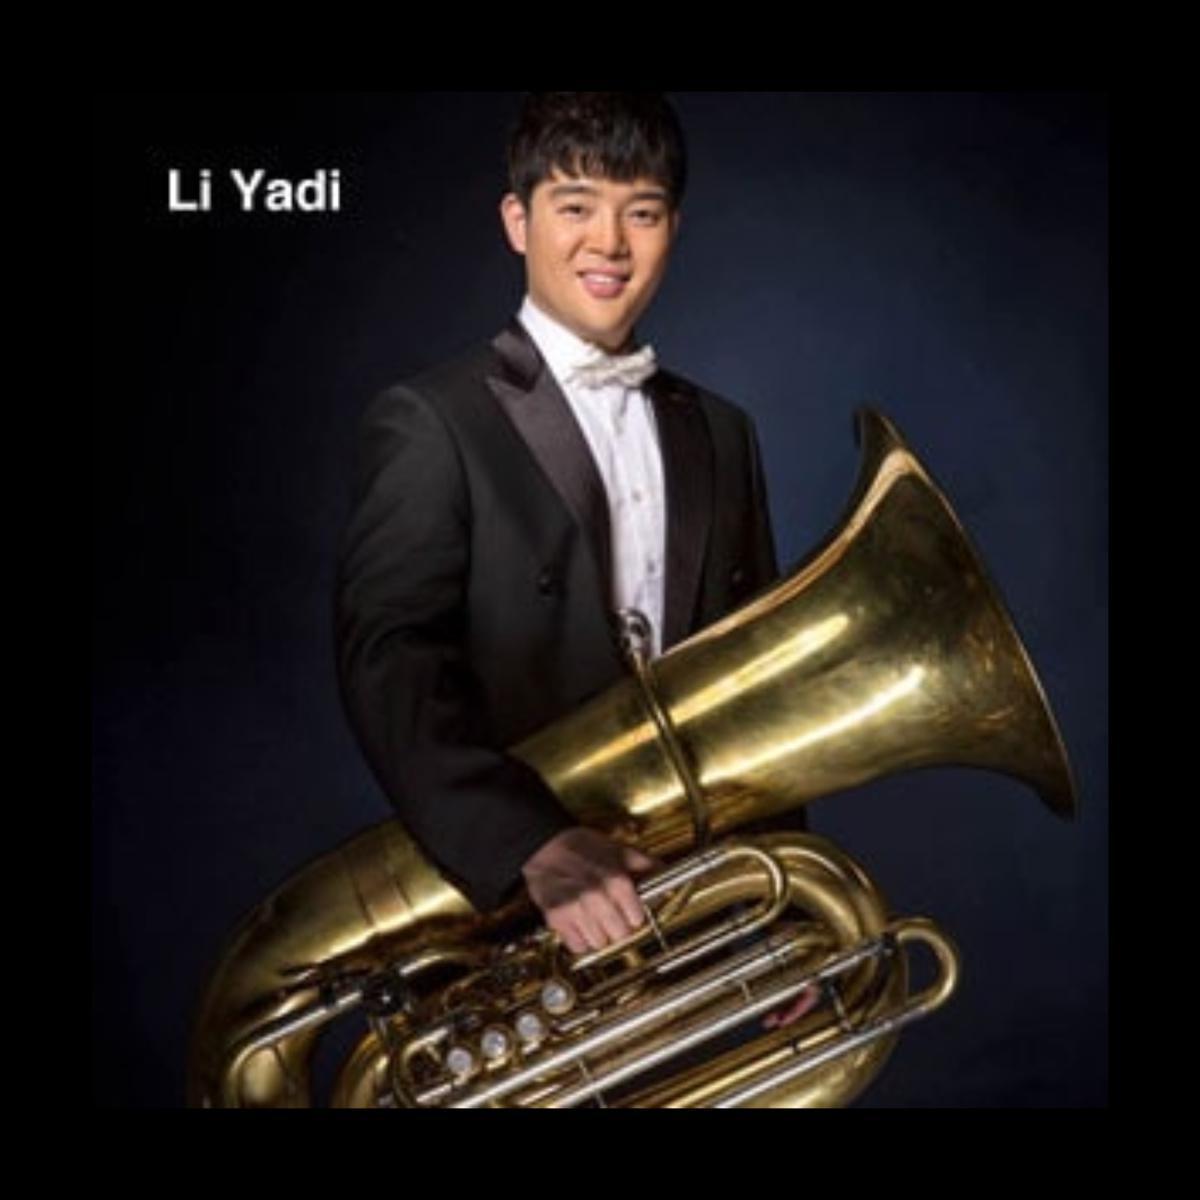 Li Yadi